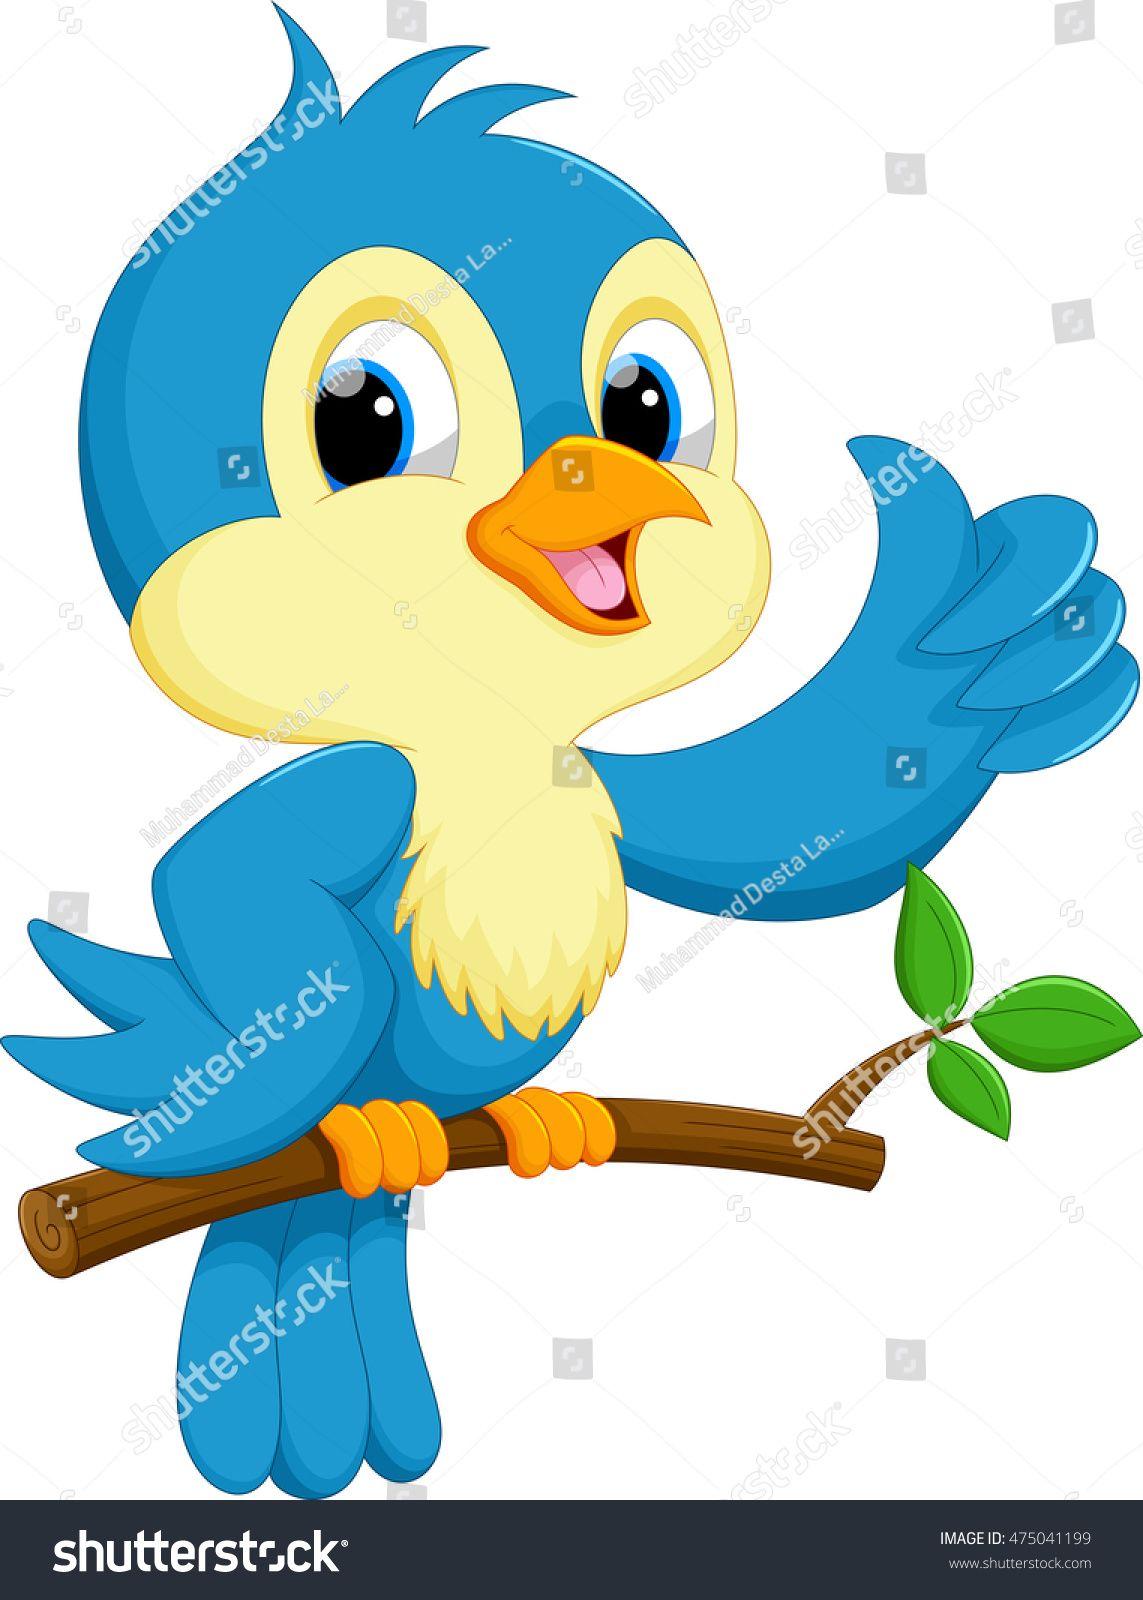 Cute Blue Bird Cartoon Passaros Fofos Desenhos De Aves Pinturas De Passaros